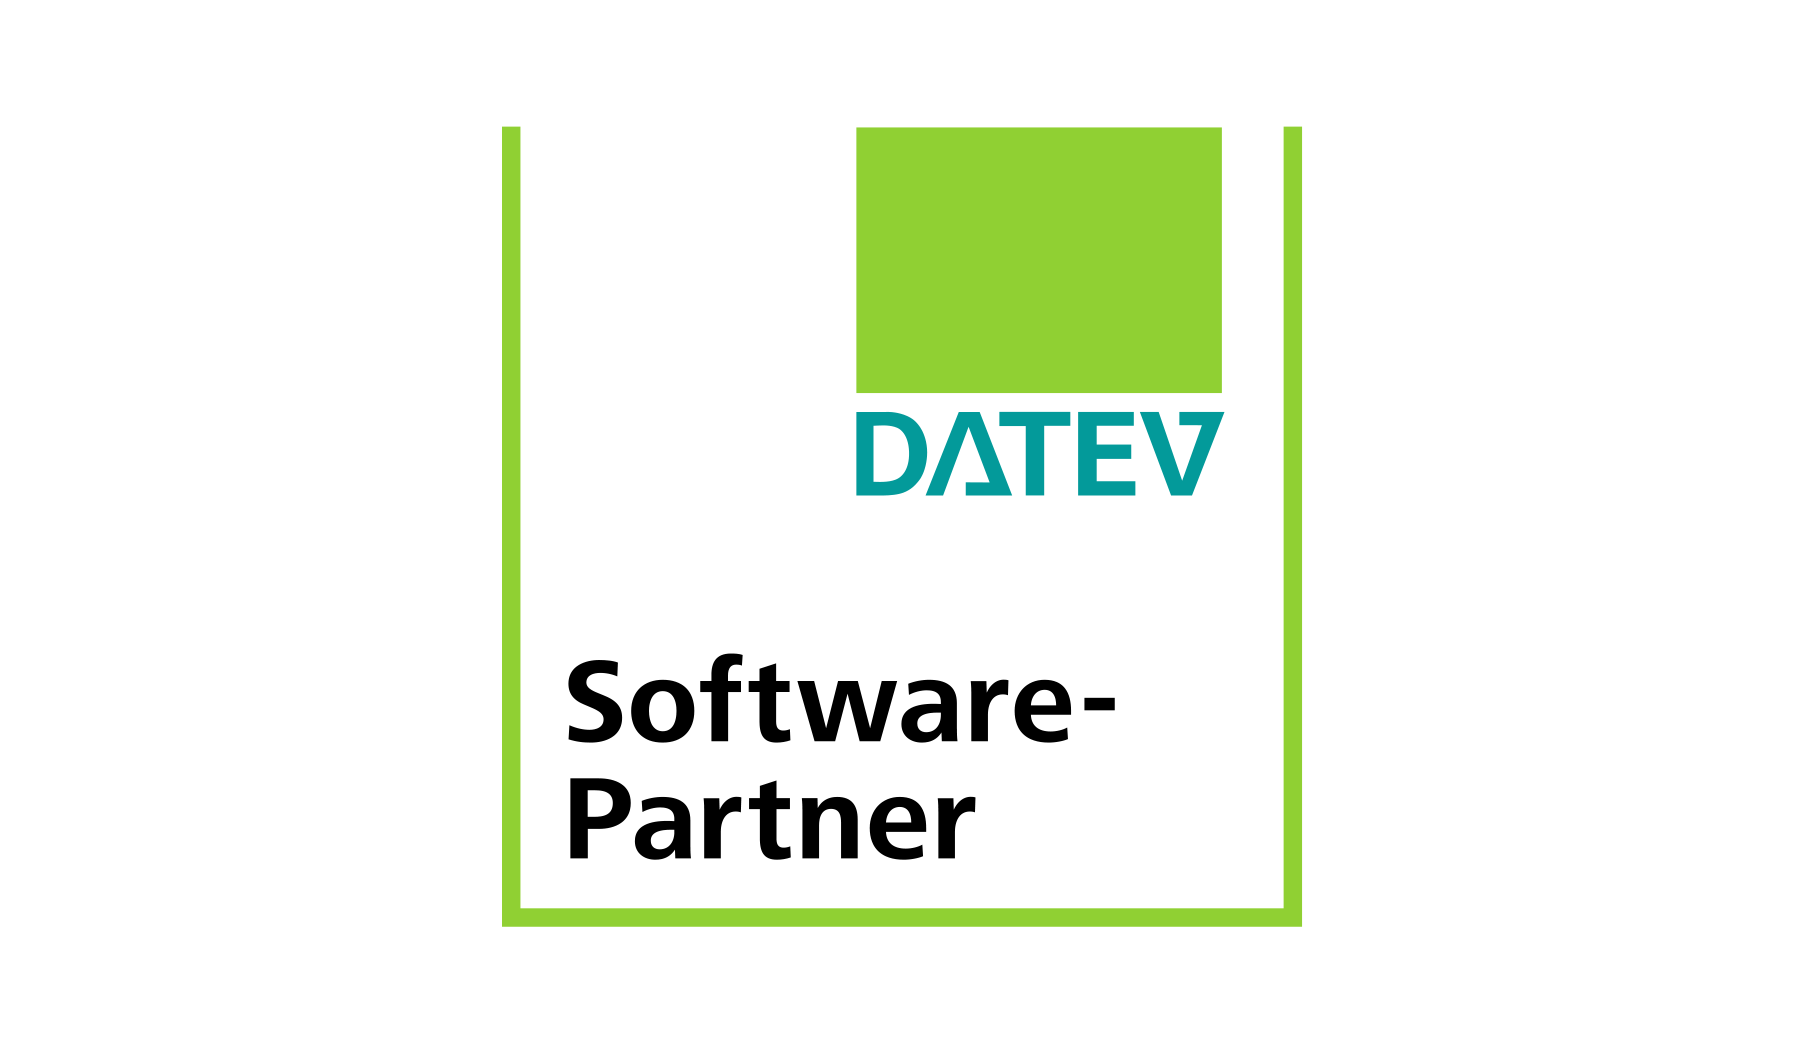 Wir sind DATEV-Software-Partner